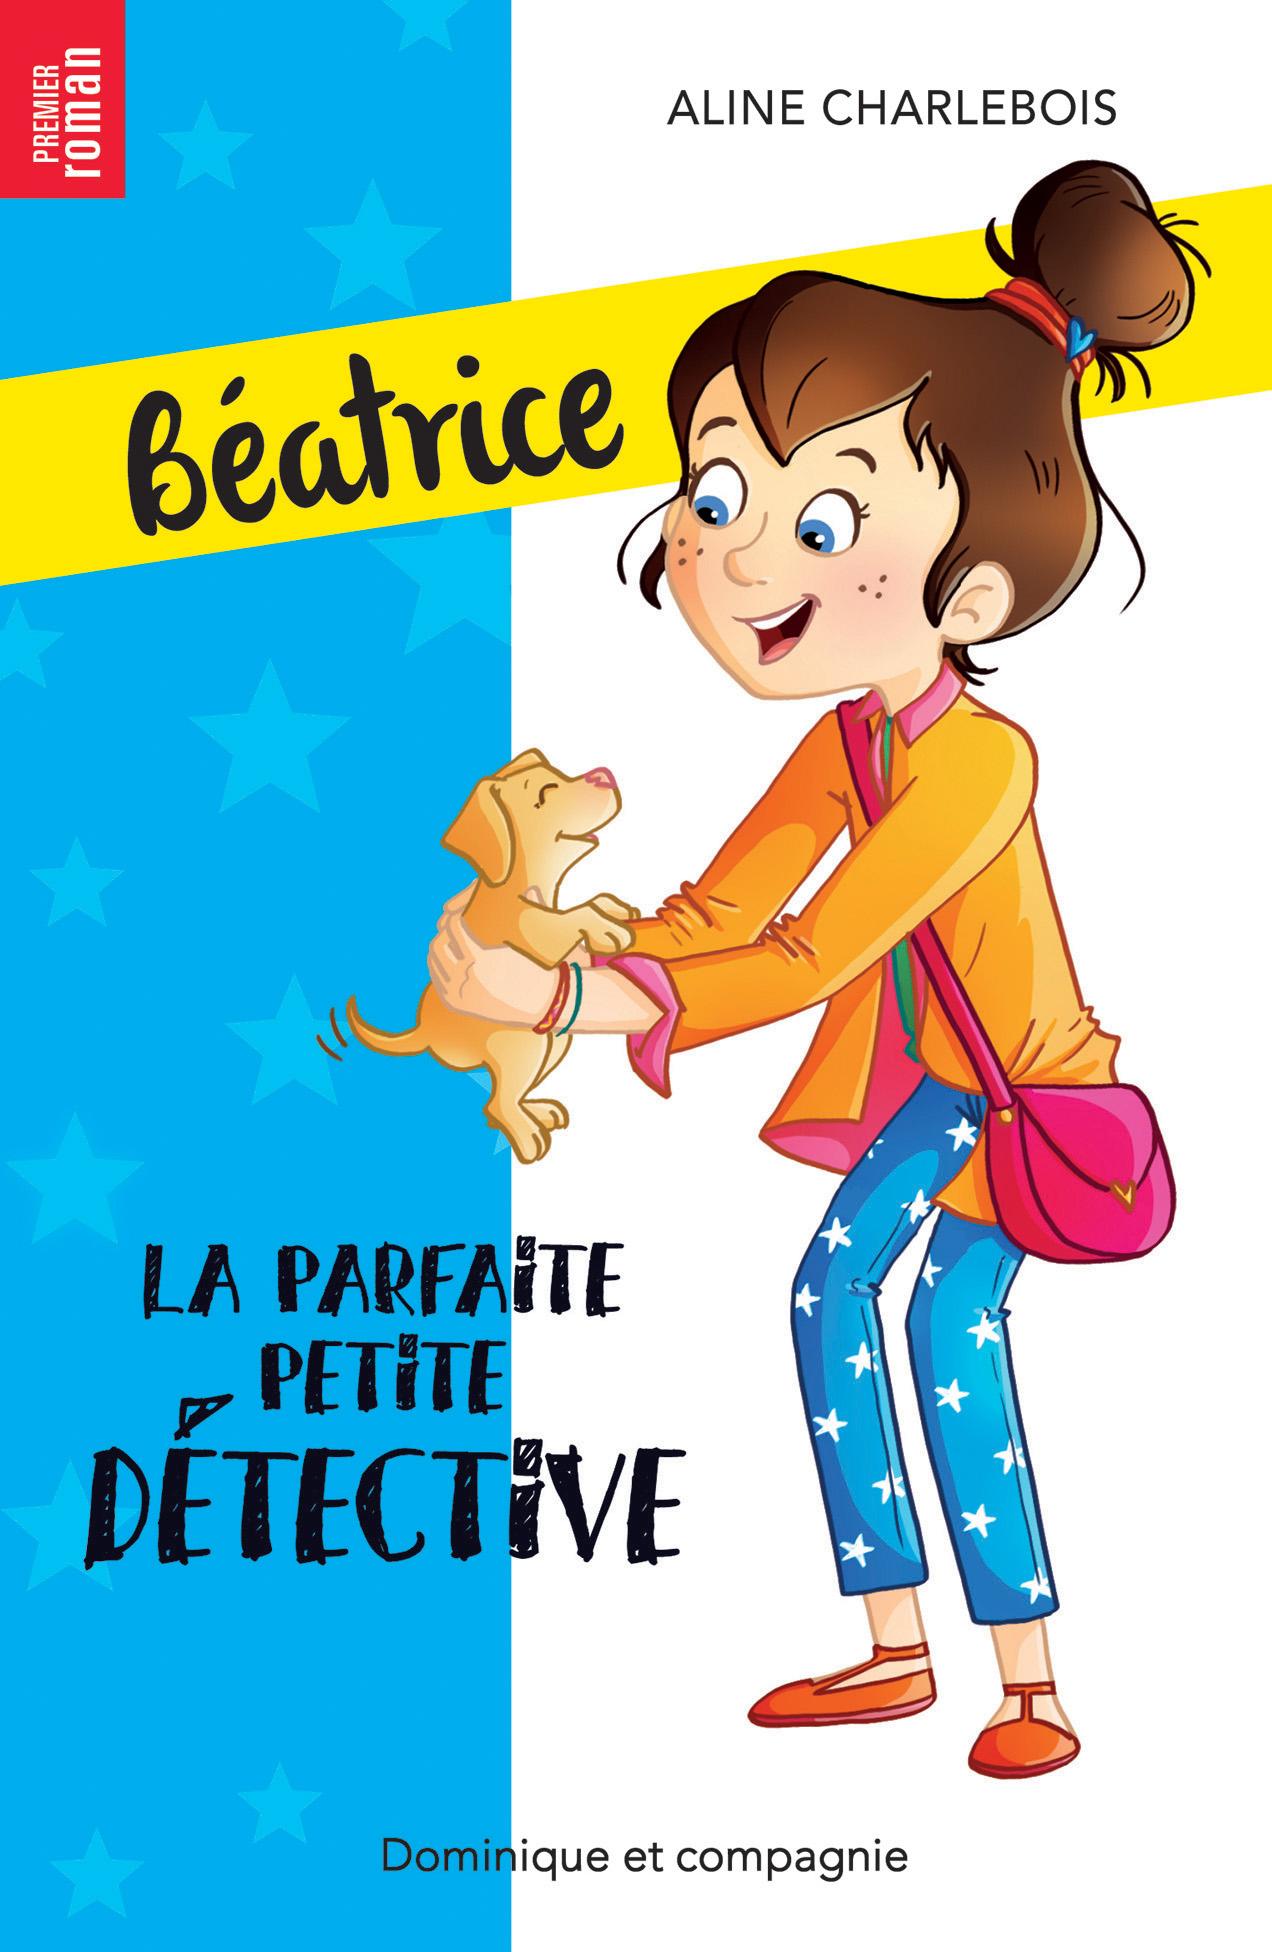 La parfaite petite détective